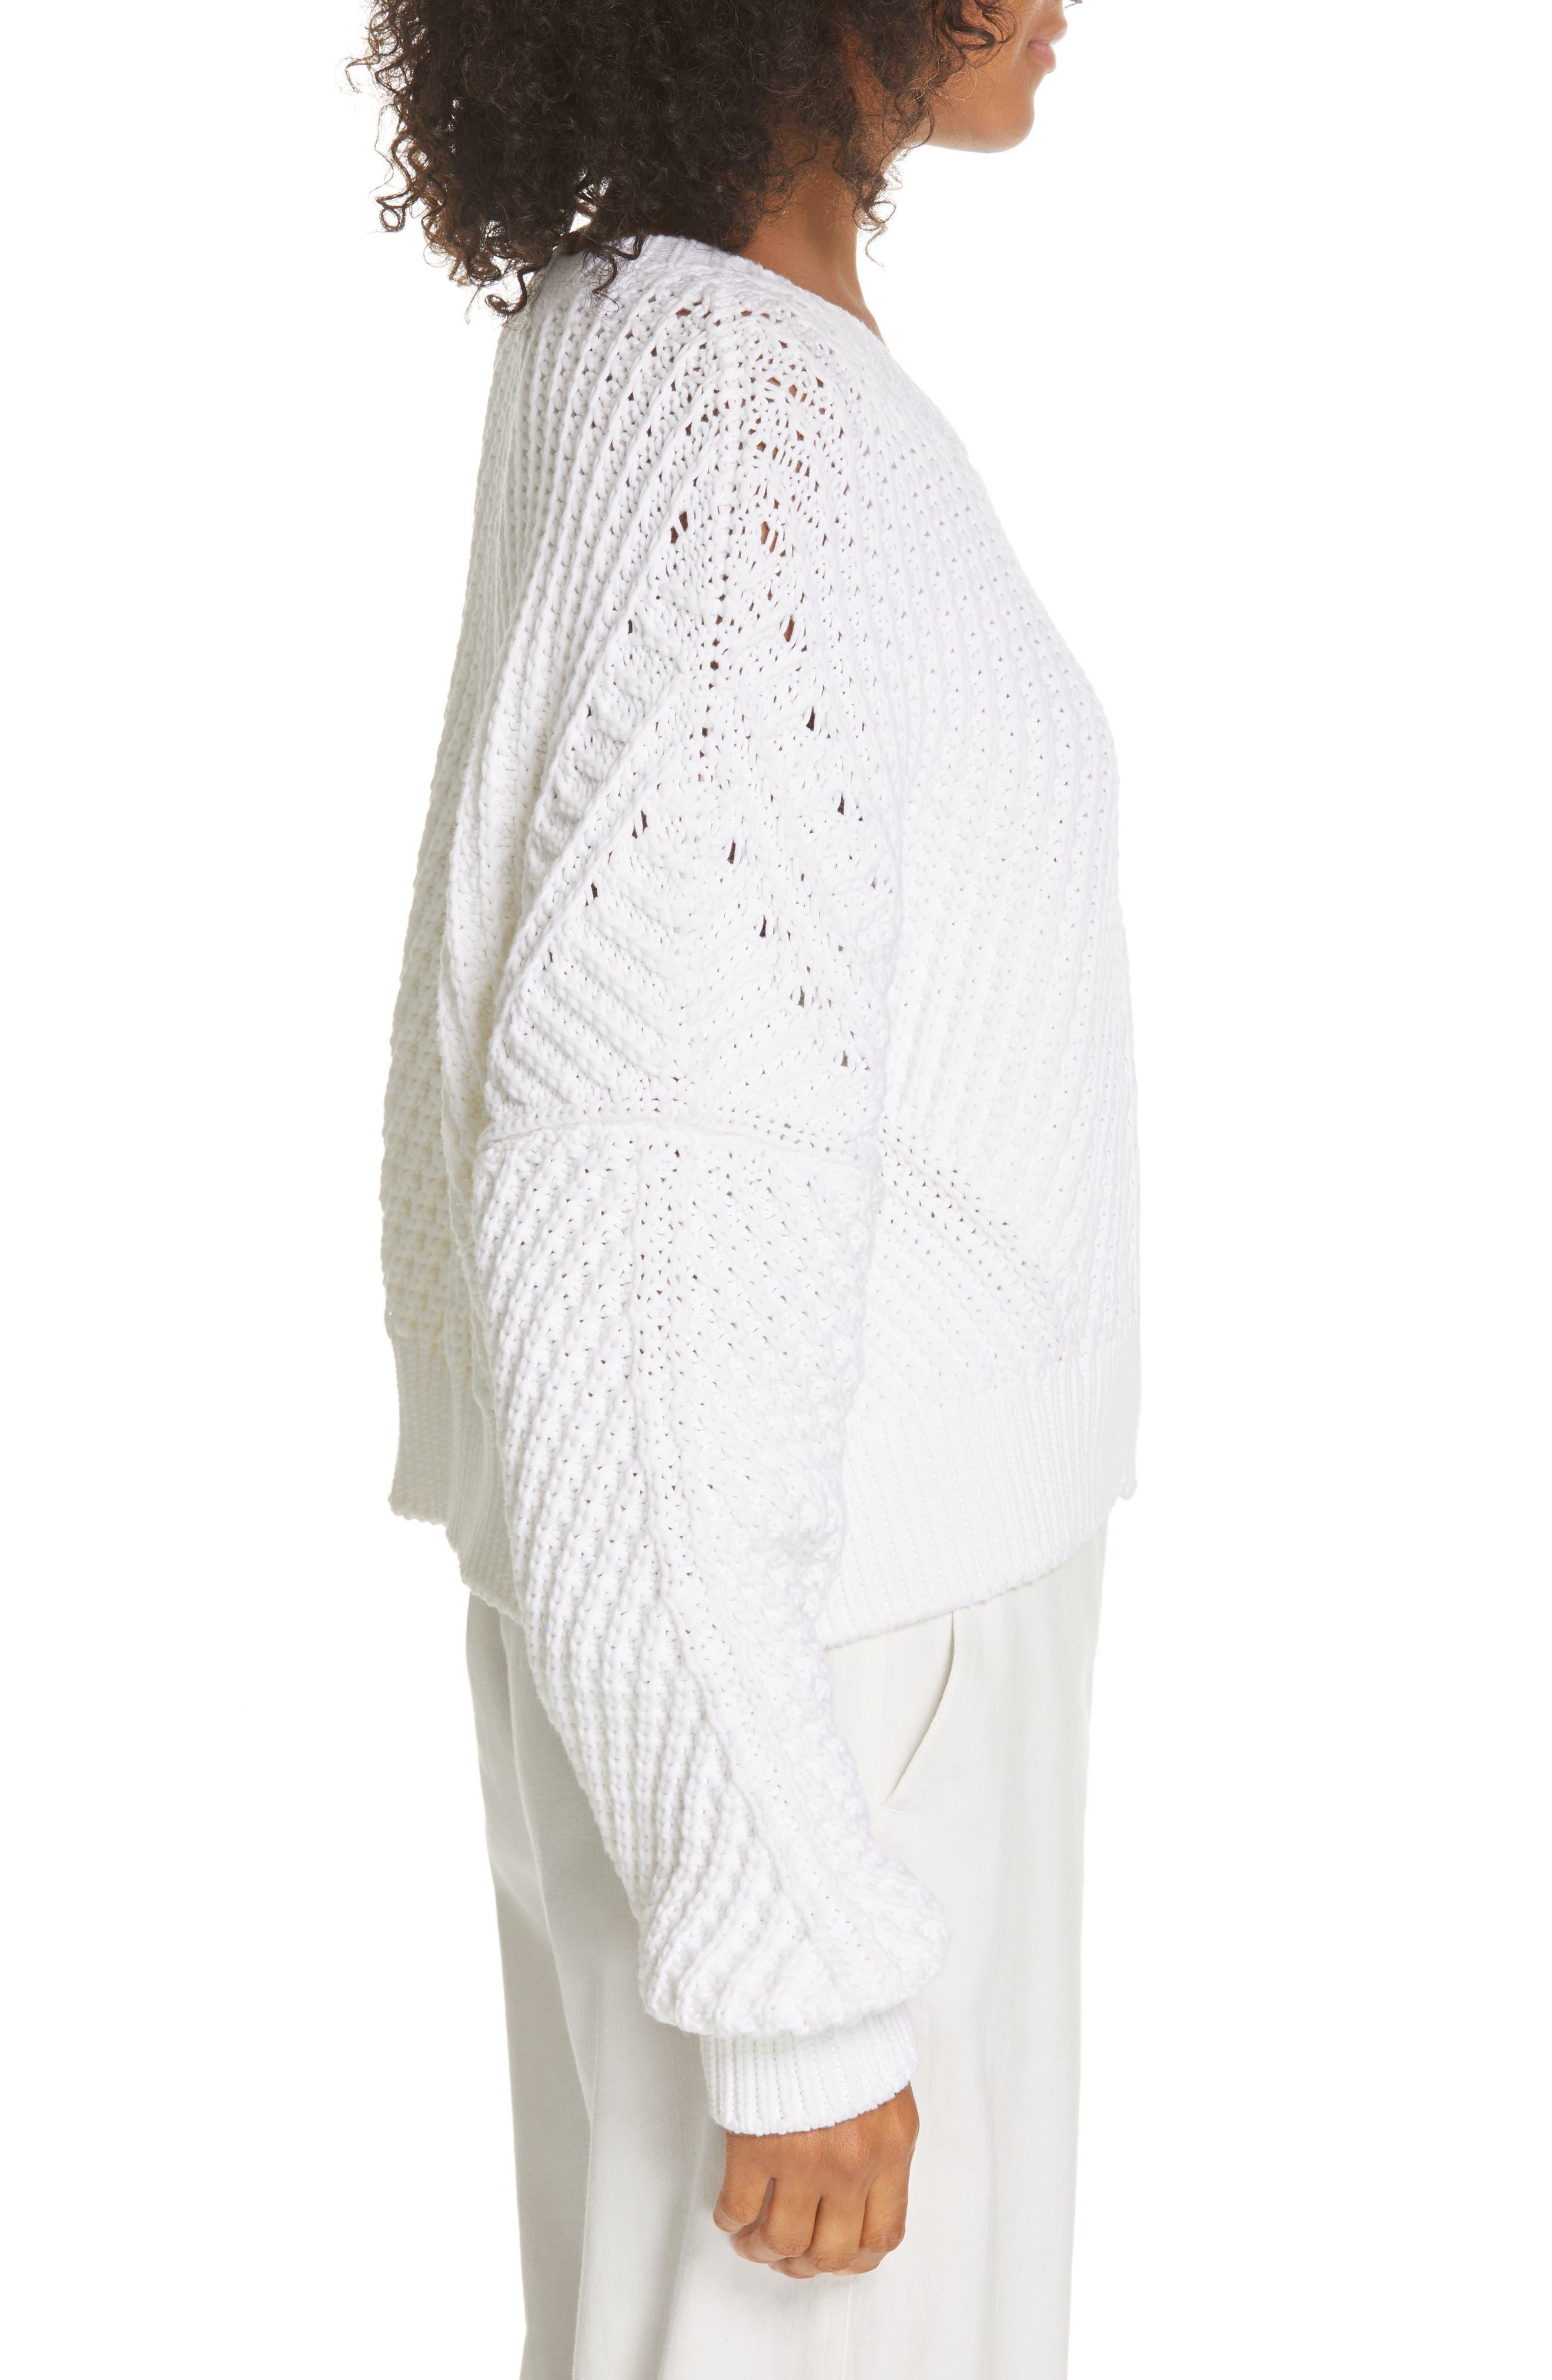 VINCE, Rib Knit Sweater, Alternate thumbnail 3, color, OPTIC WHITE